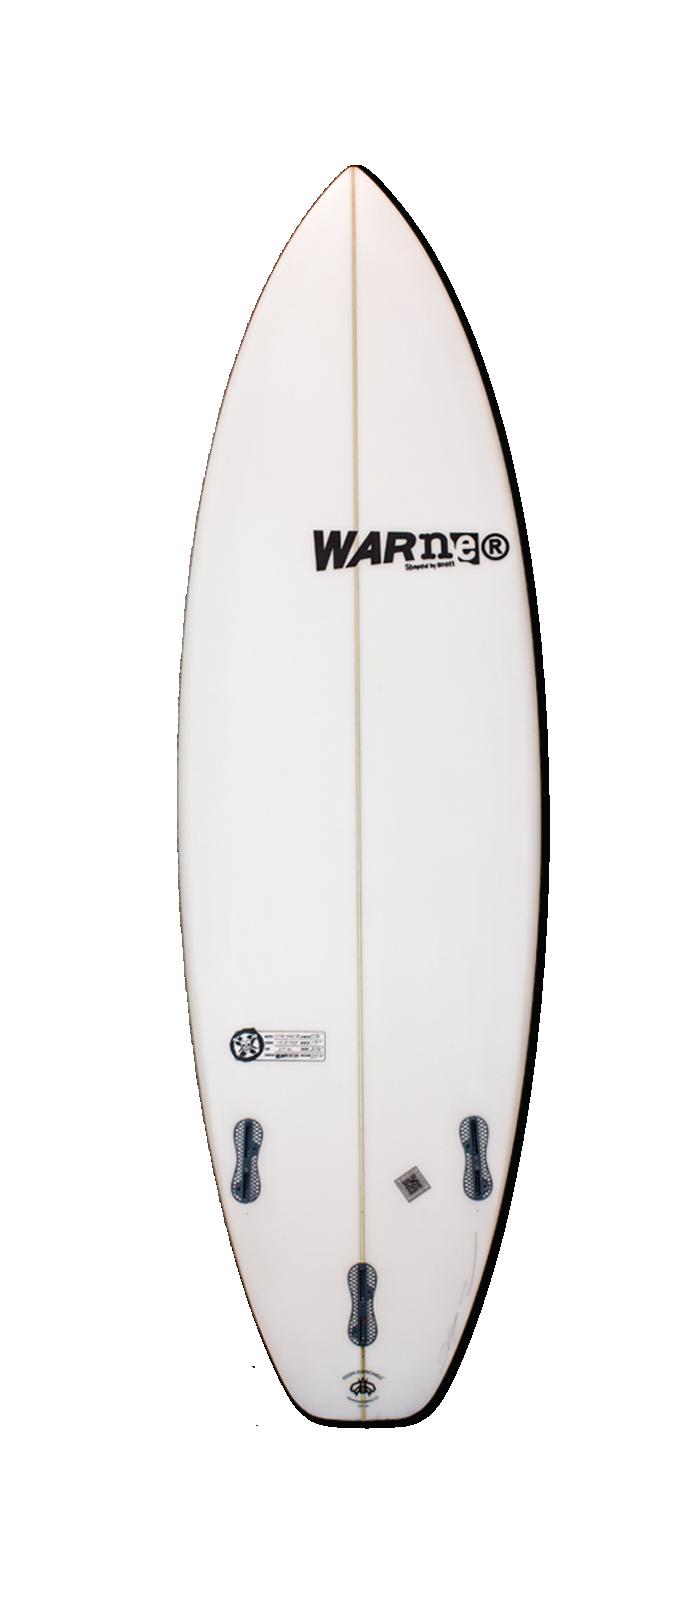 STRYKER surfboard model bottom